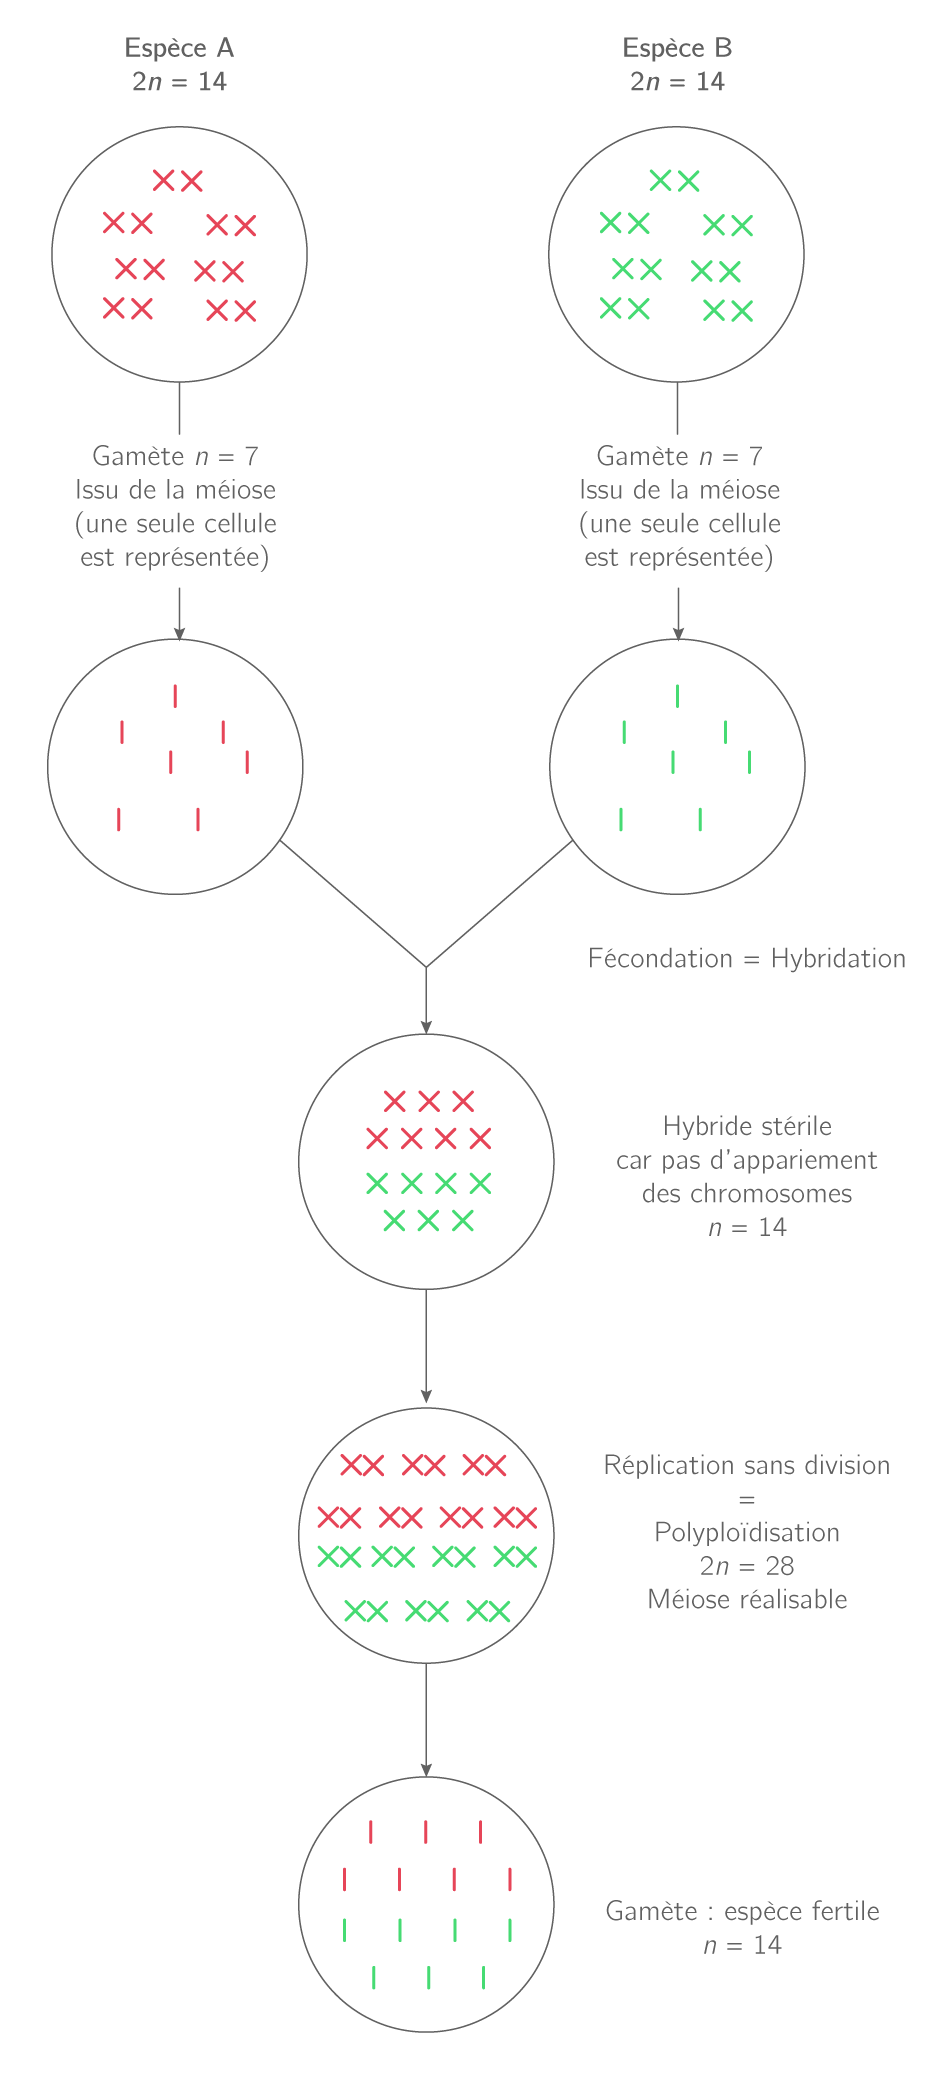 Naissance d'une nouvelle espèce par hybridation et polyploïdisation